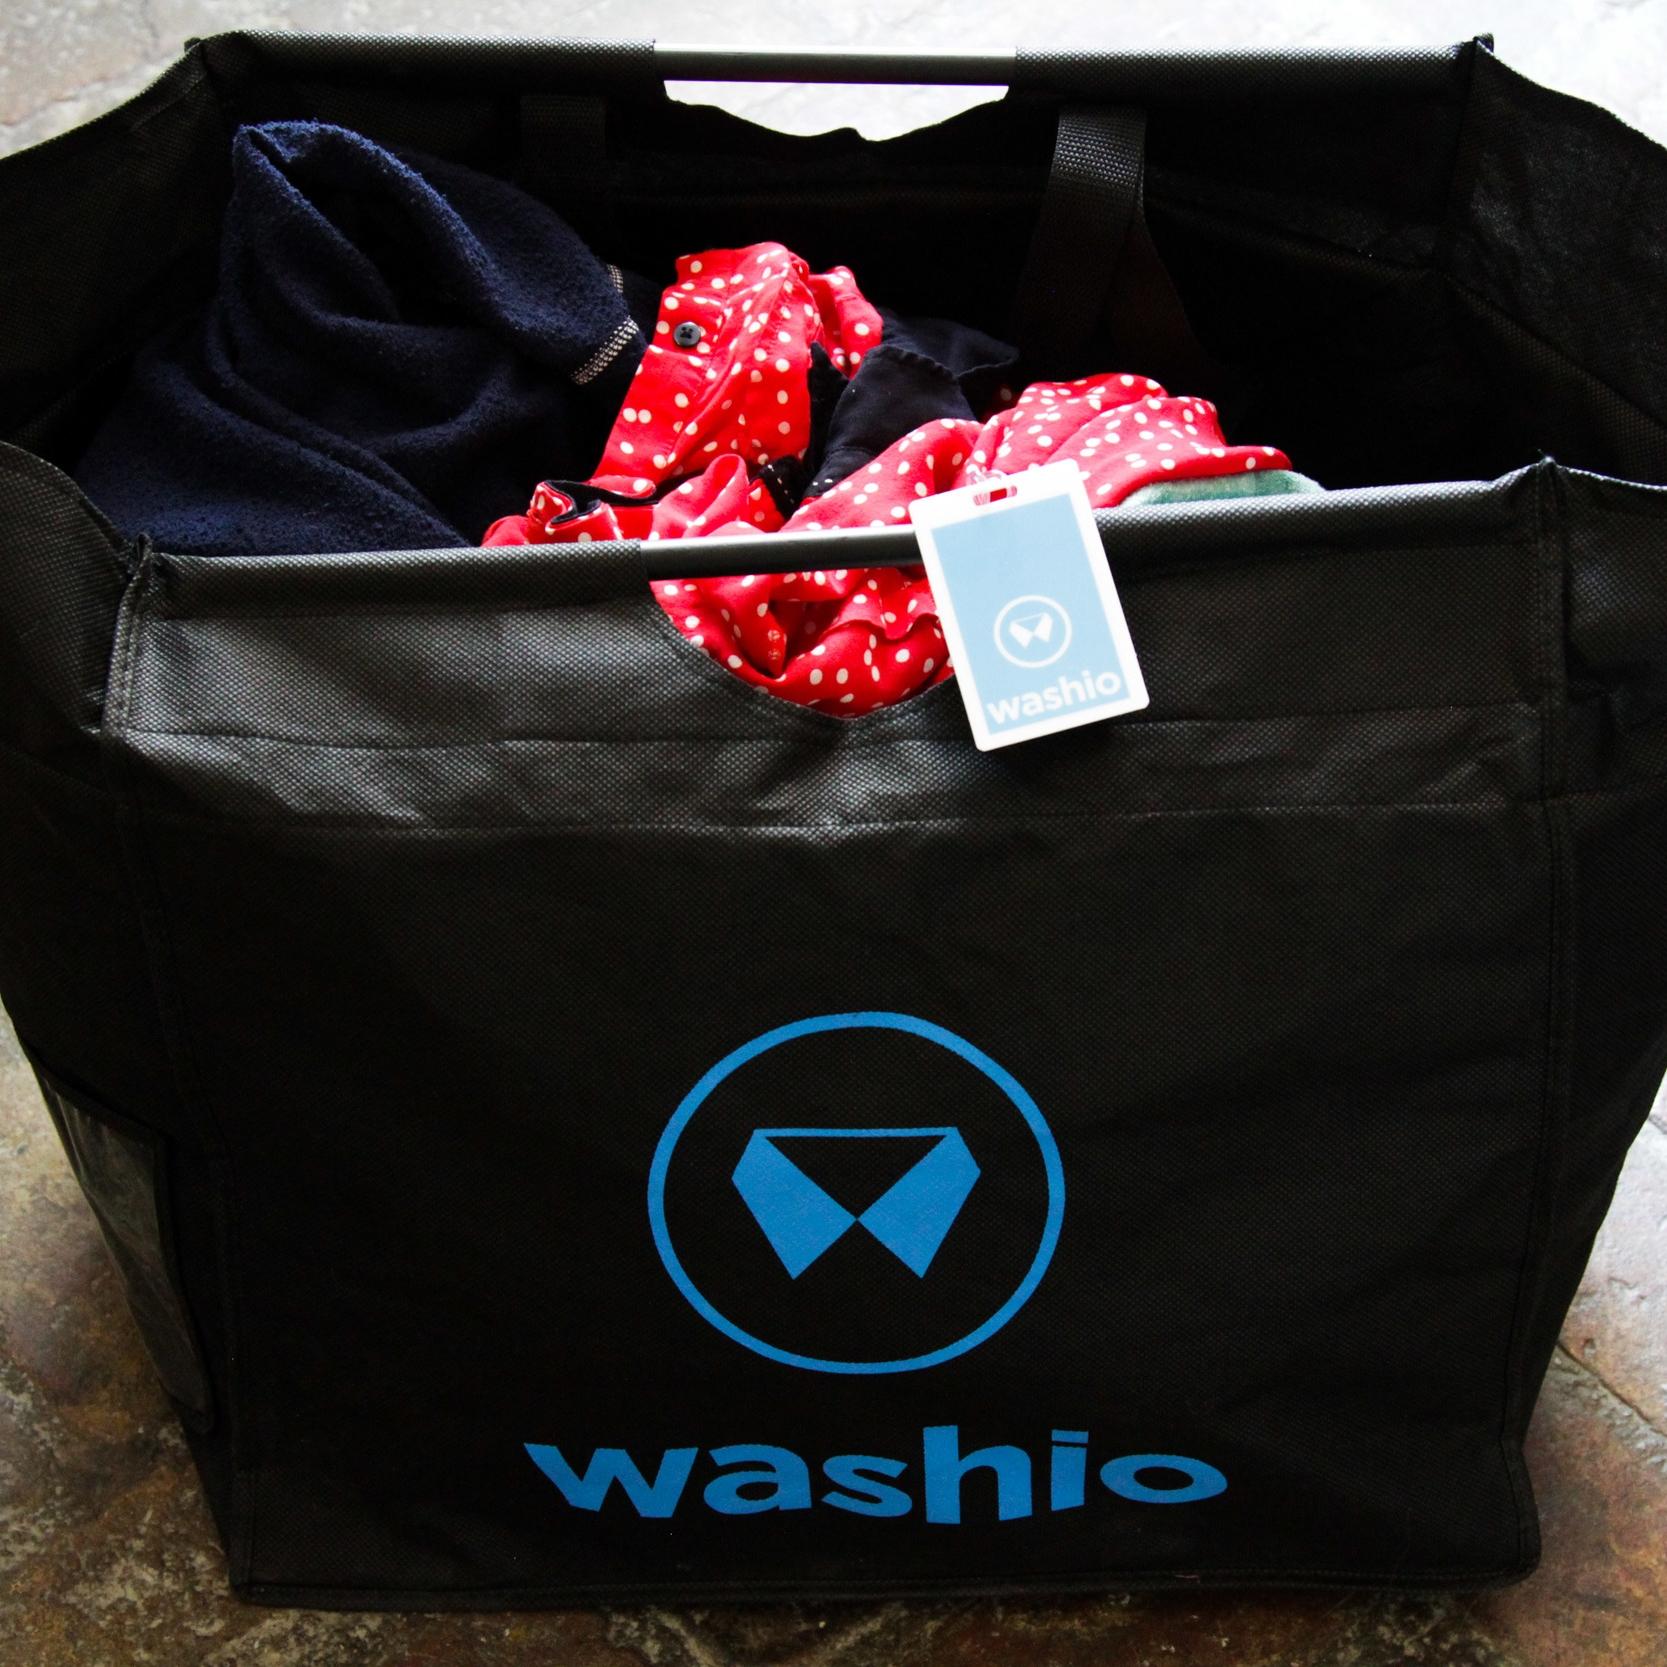 washio-photo-shoot-166.jpg